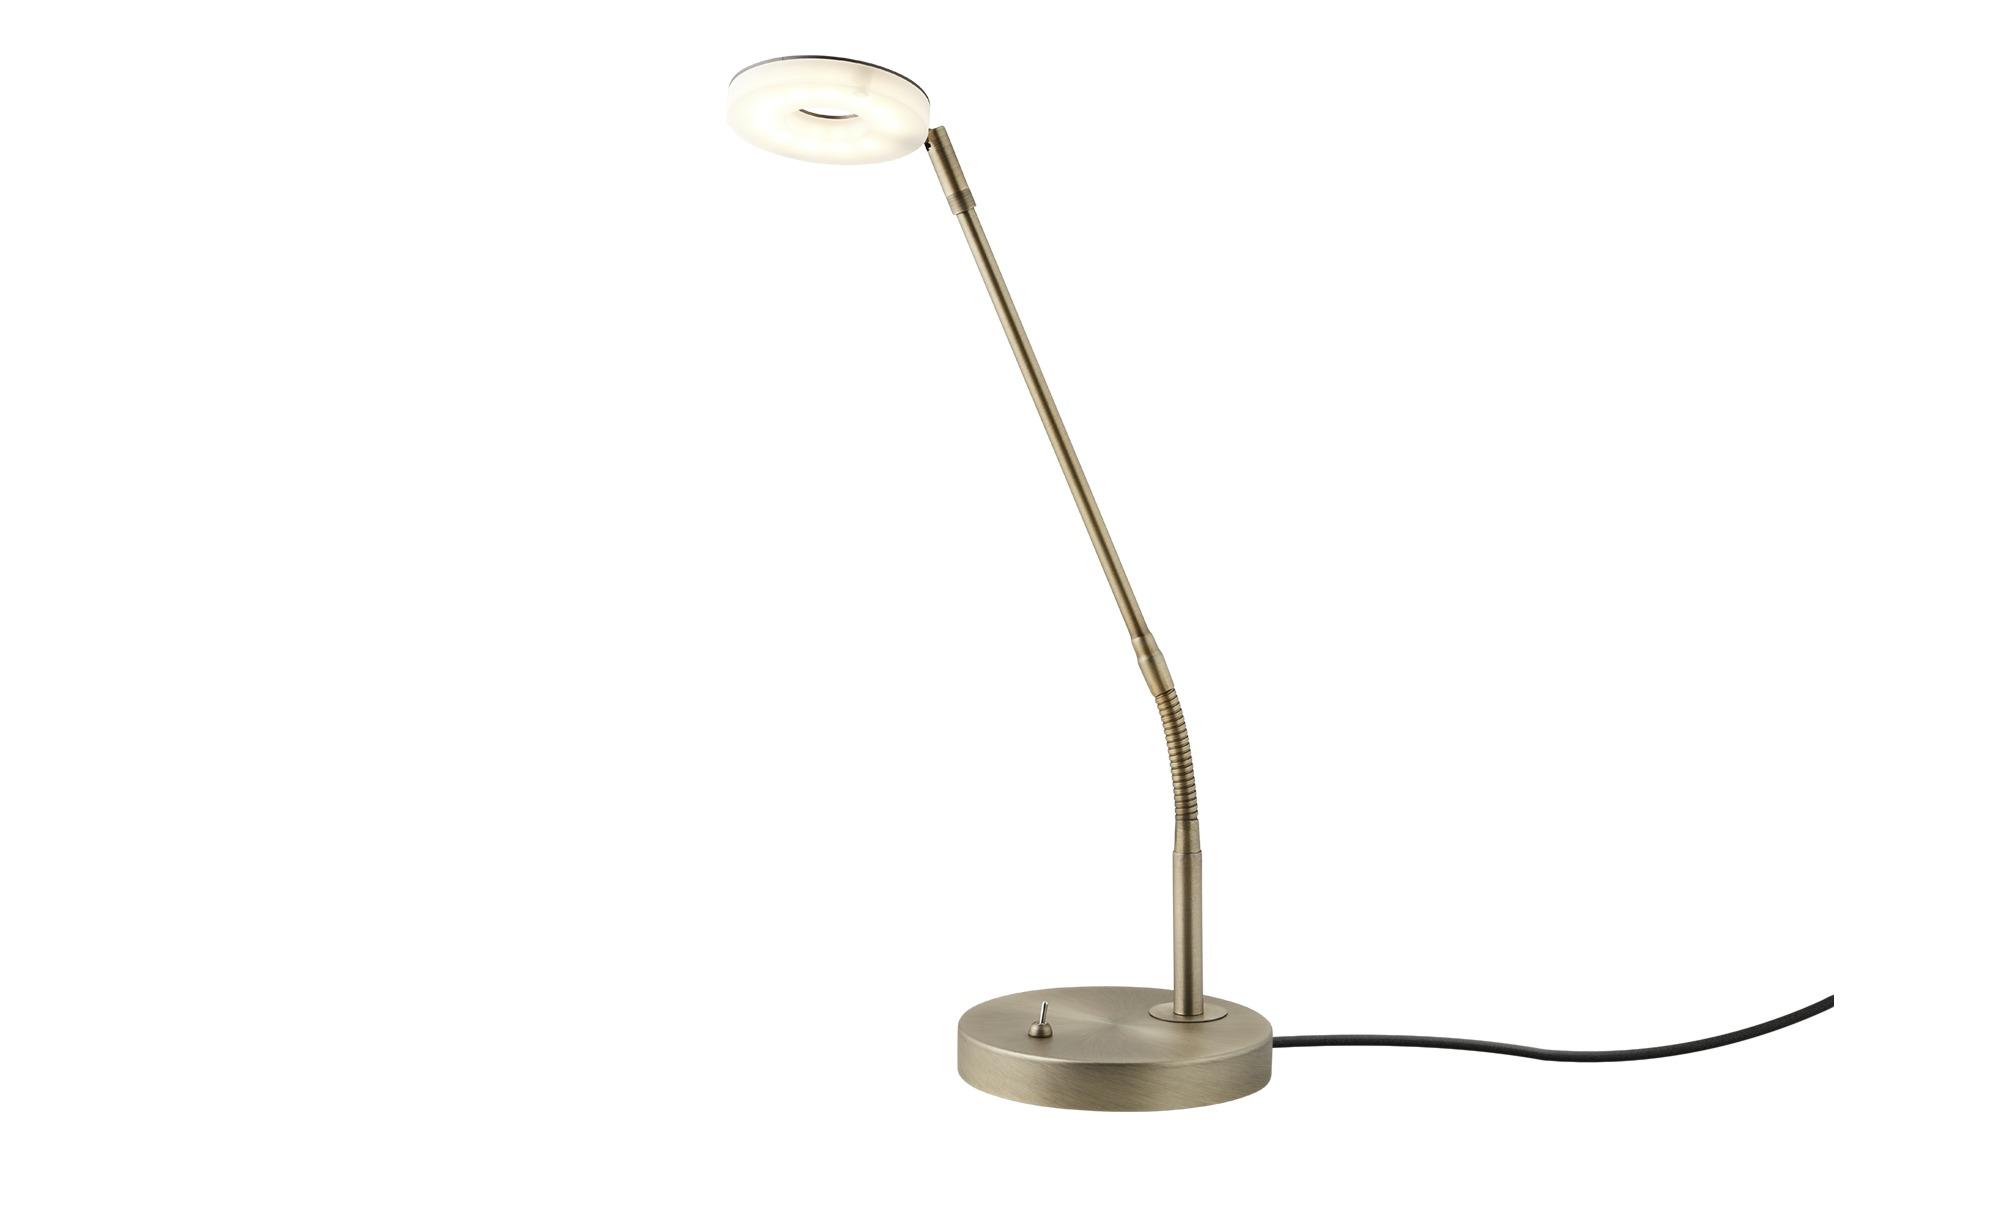 KHG LED-Tischleuchte, 1-flammig, Antik-Messing ¦ gold ¦ Maße (cm): H: 49 Ø: 15.8 Lampen & Leuchten > Innenleuchten > Tischlampen - Höffner